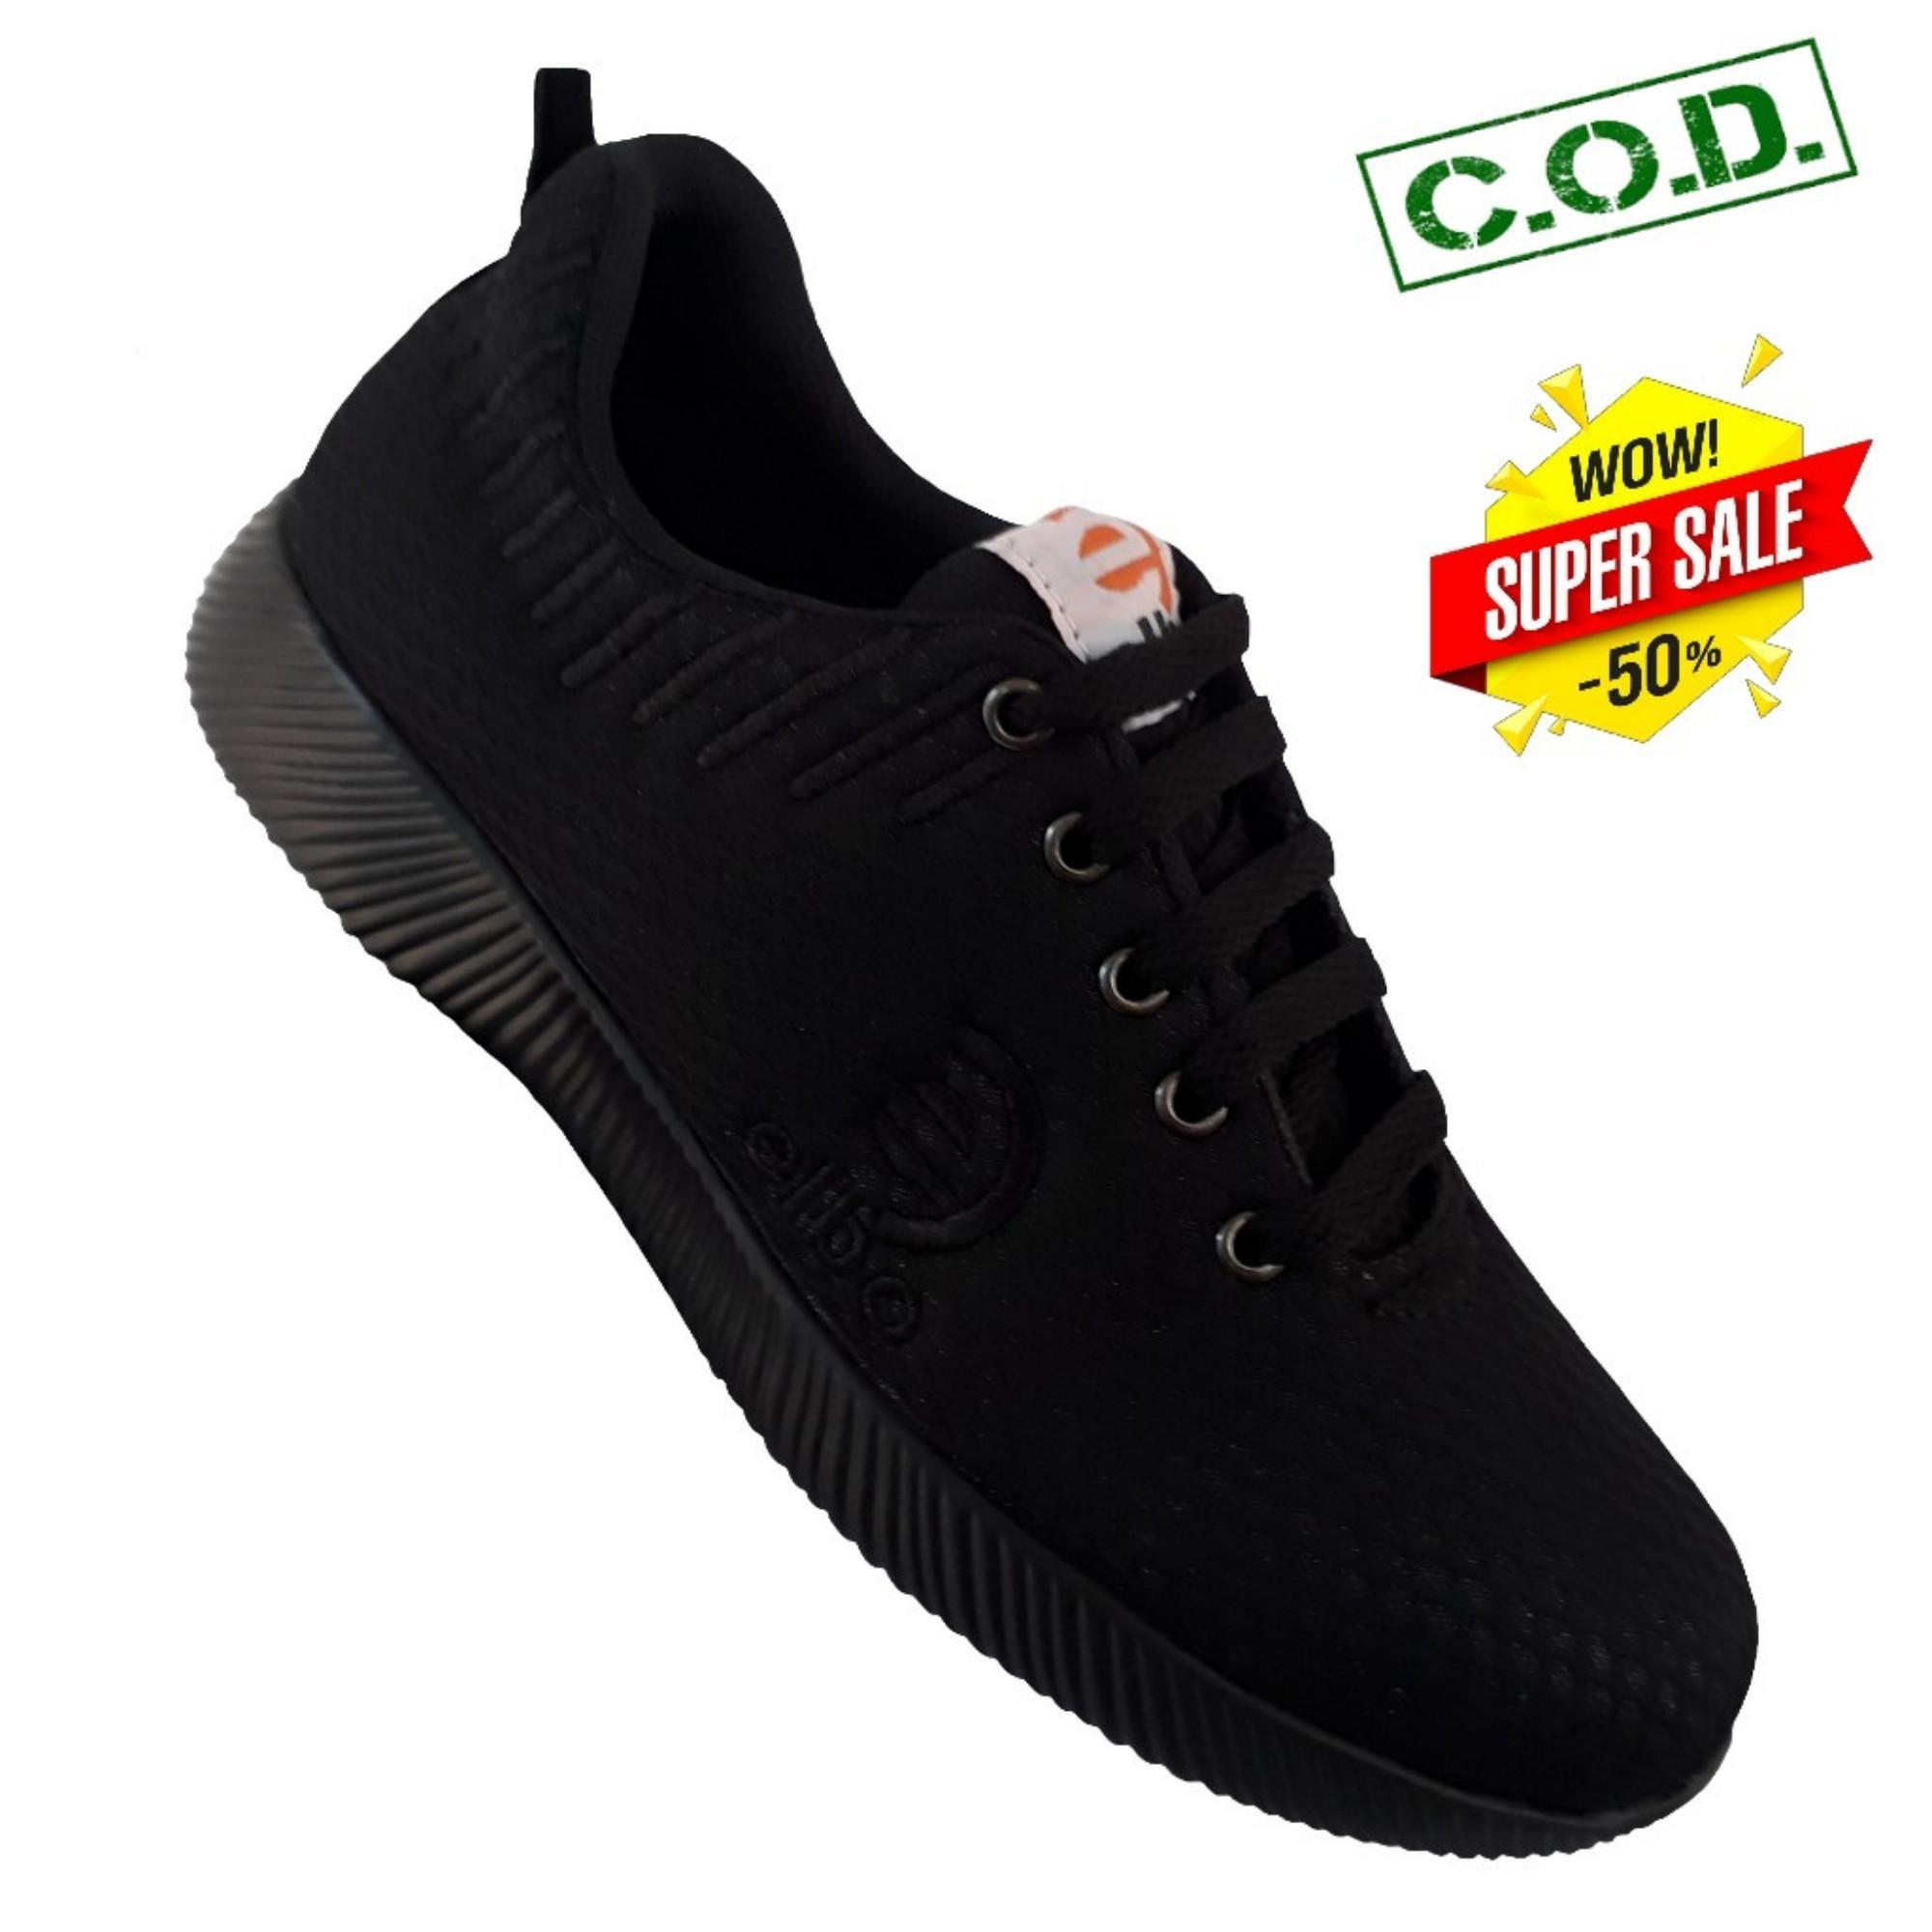 Sepatu Pria Sport/Sepatu Sneakers/Sepatu Kets/Sepatu Sekolah Casual - Hitam